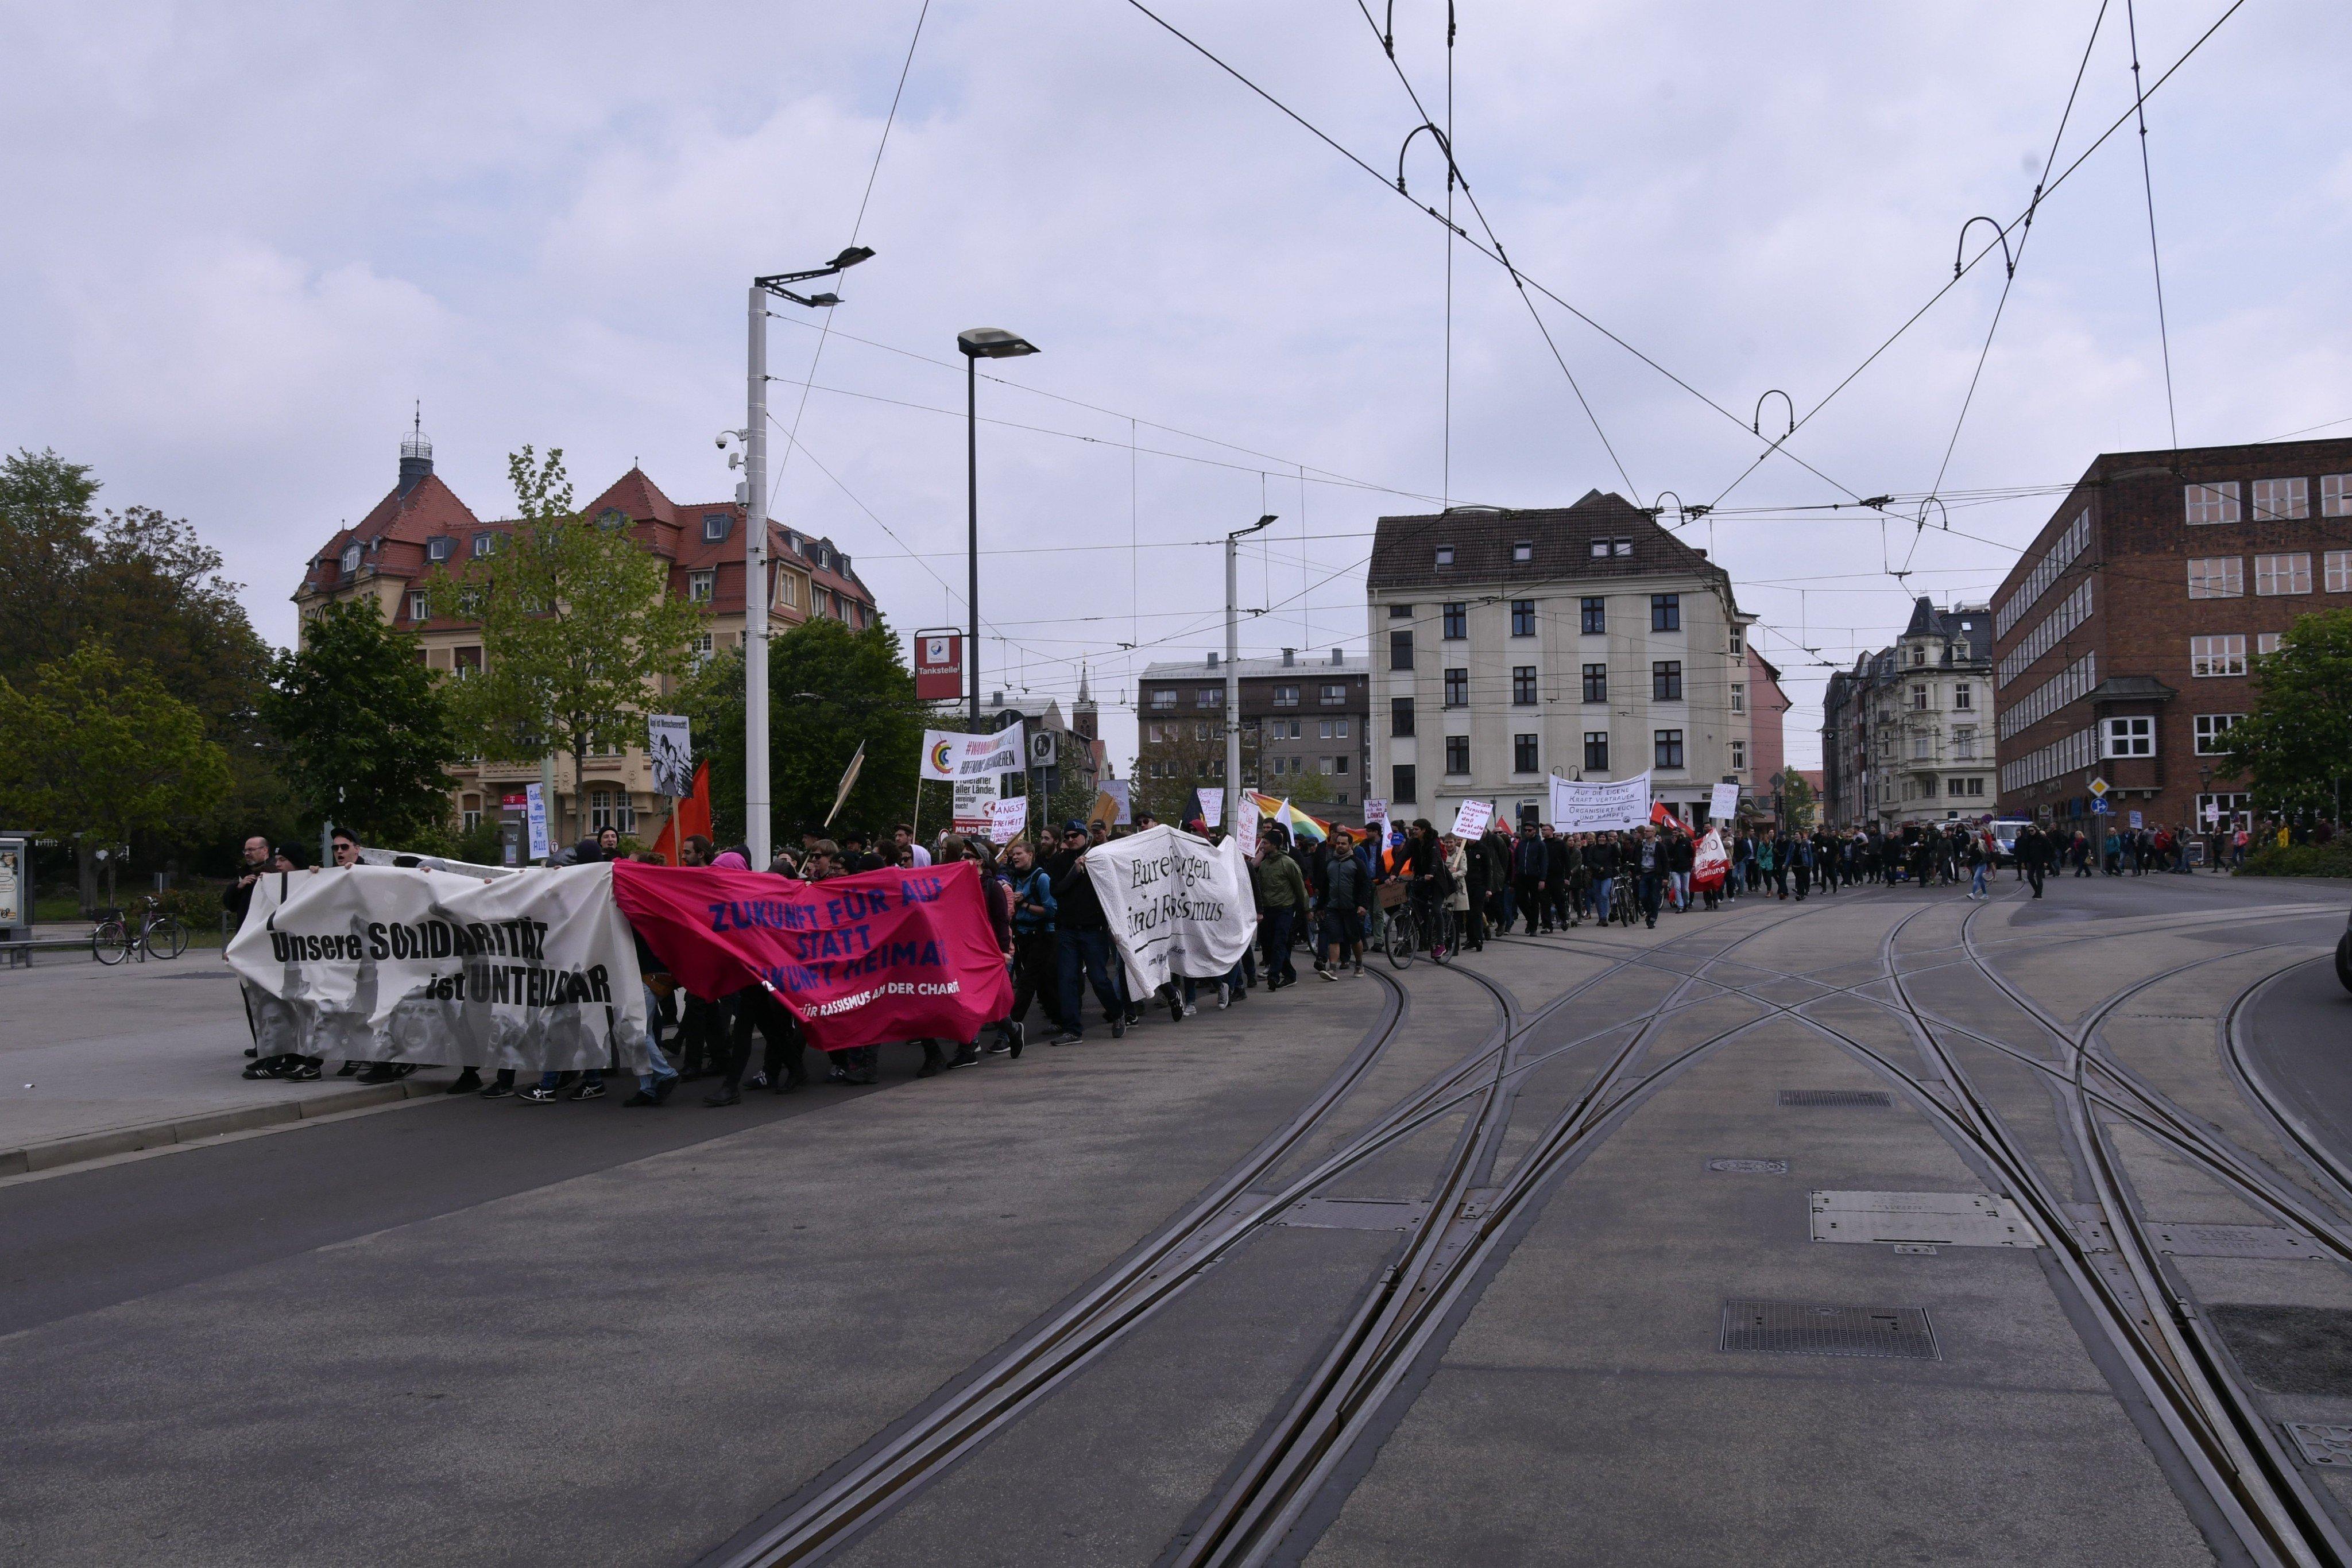 Die Demonstration erreicht die Stadthalle.